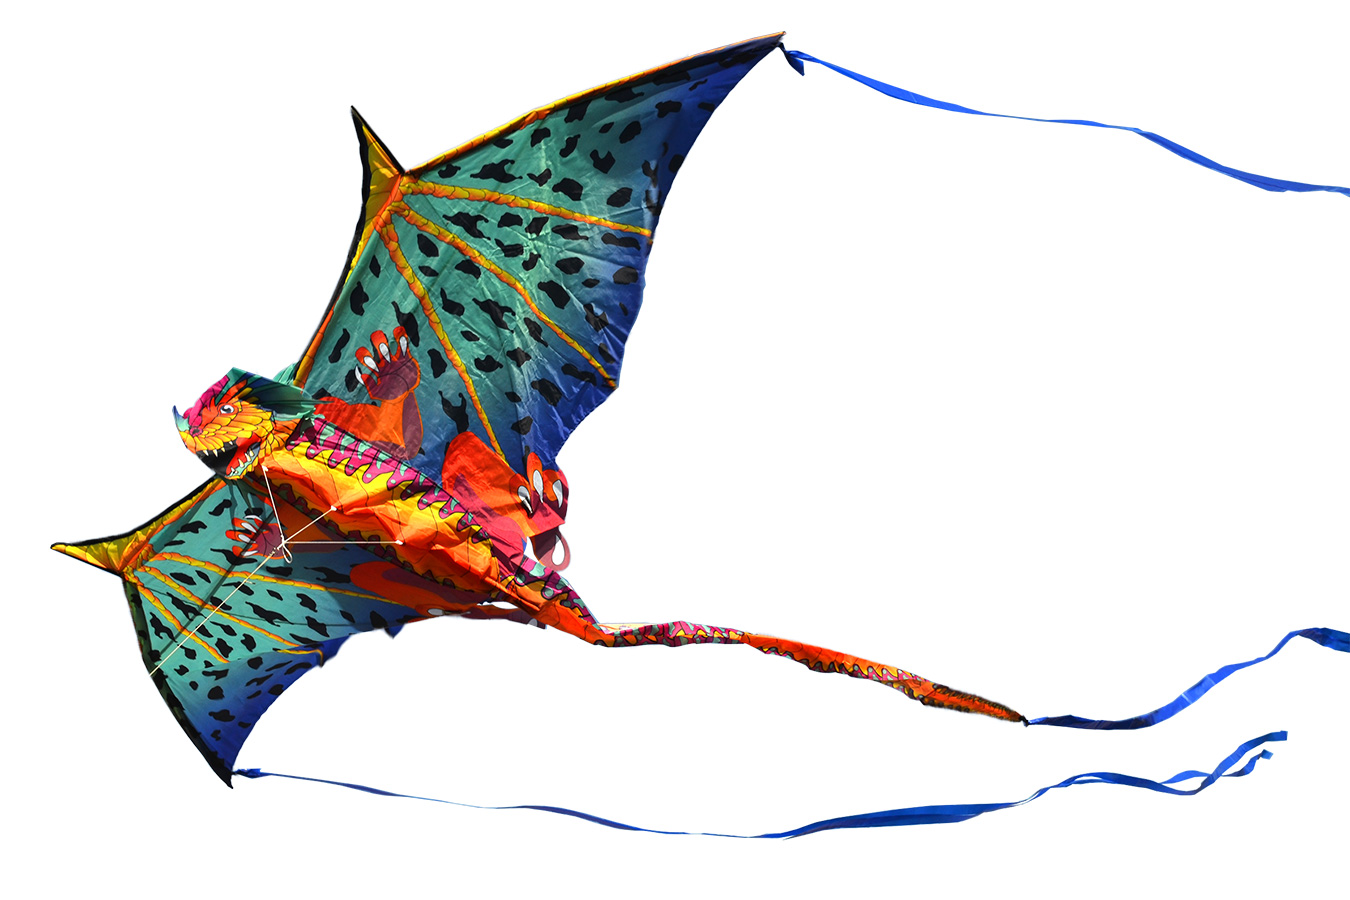 Ледяной Василиск, 3D воздушный змей [ZB540]